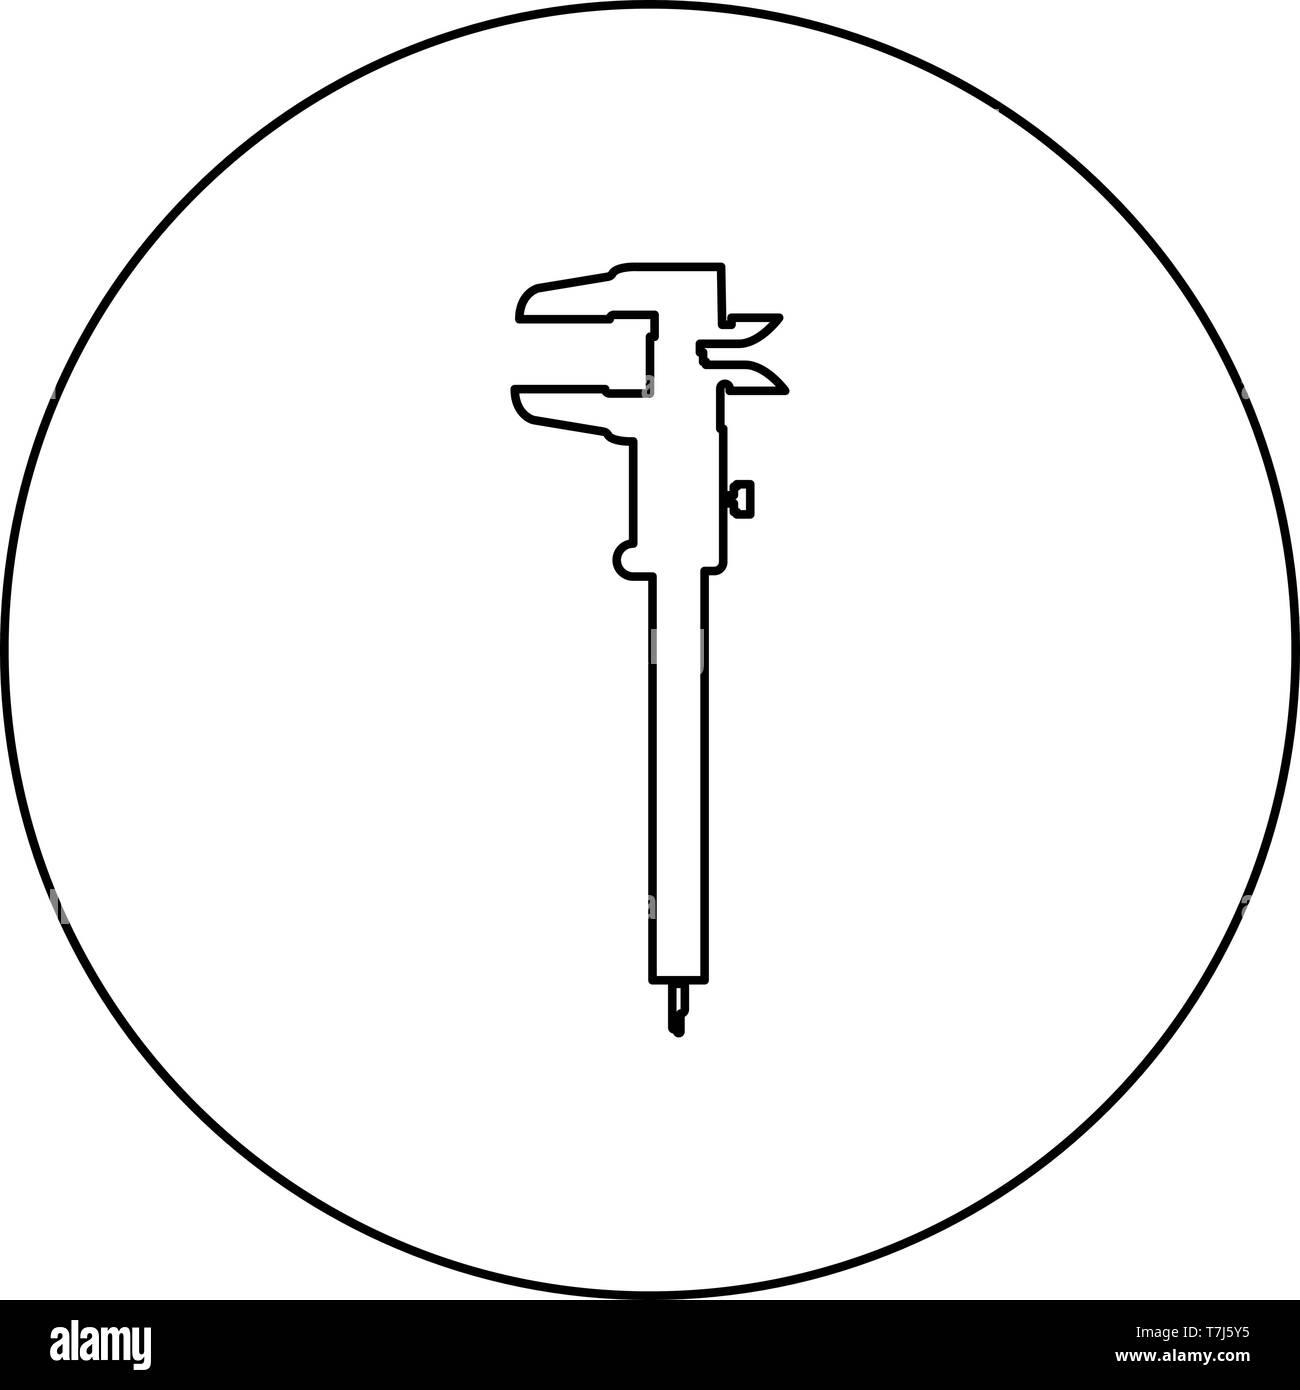 Mano a pinza pinza pinza scorrevole del calibro a corsoio calibro gage slitta gage Trammel icona nel cerchio sagoma tonda colore nero illustrazione vettoriale Illustrazione Vettoriale